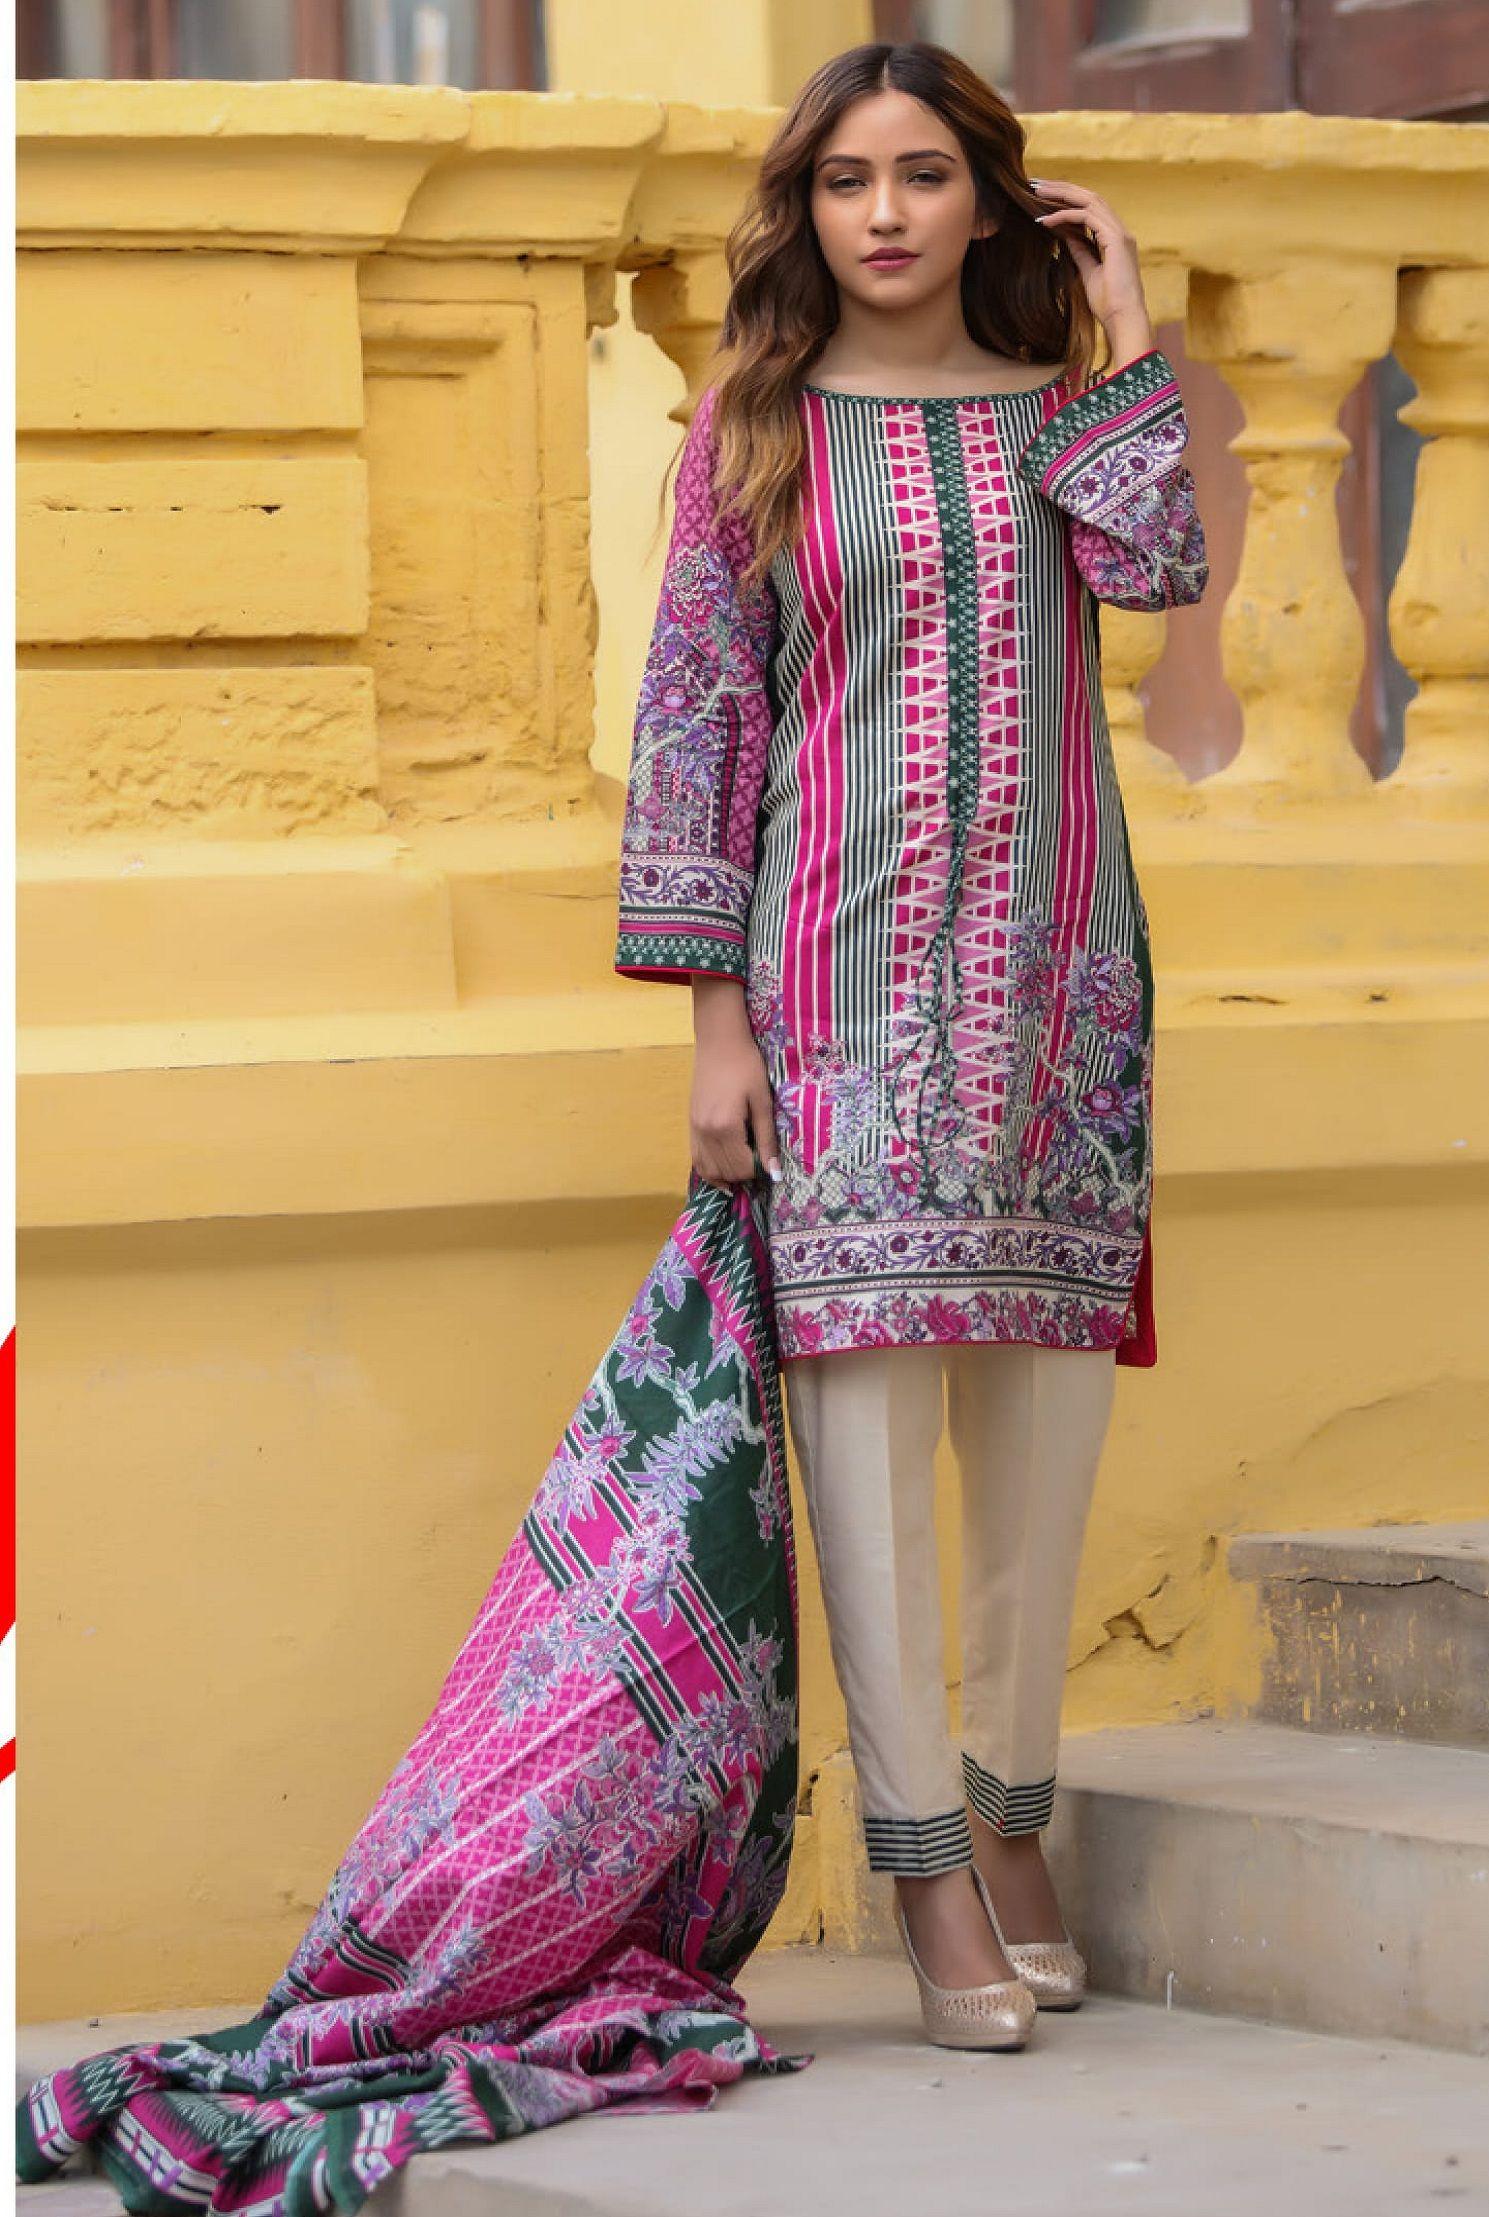 c4bc21880c Riwaz Printed Lawn Collection Original Pakistani Suits 7a ...